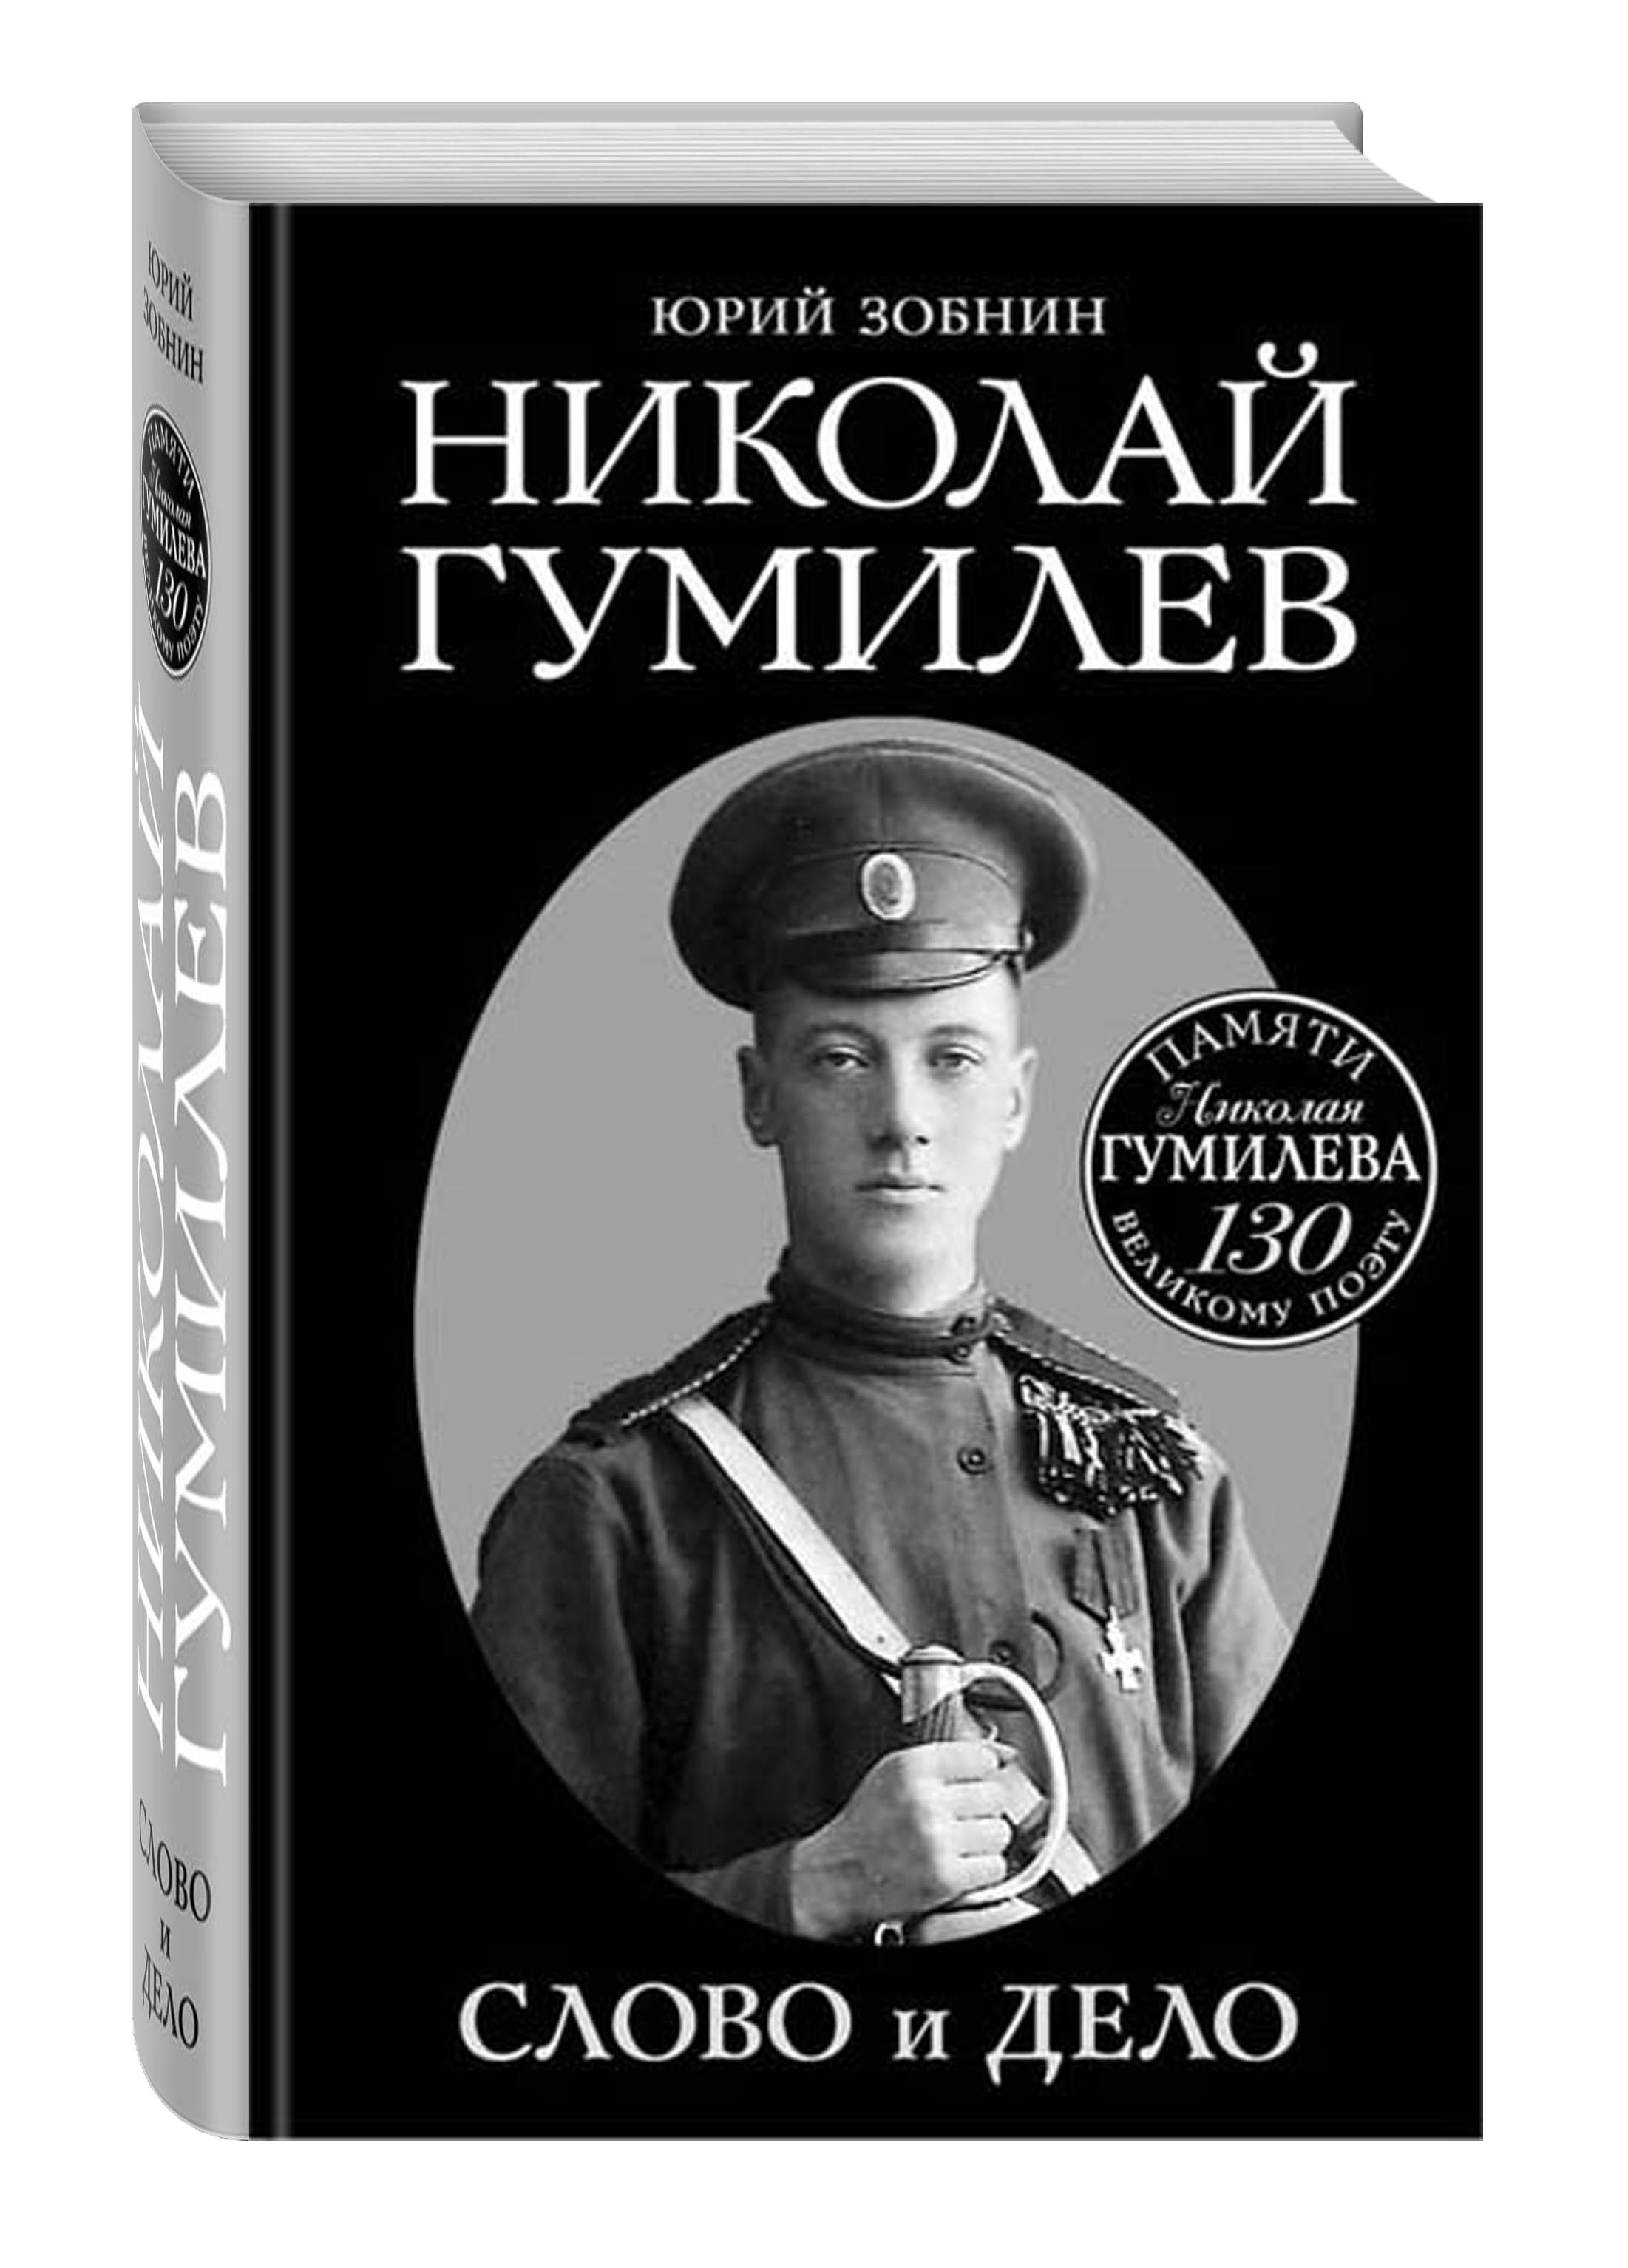 Юрий Зобнин Николай Гумилев. Слово и Дело хапка к бионикл маска света